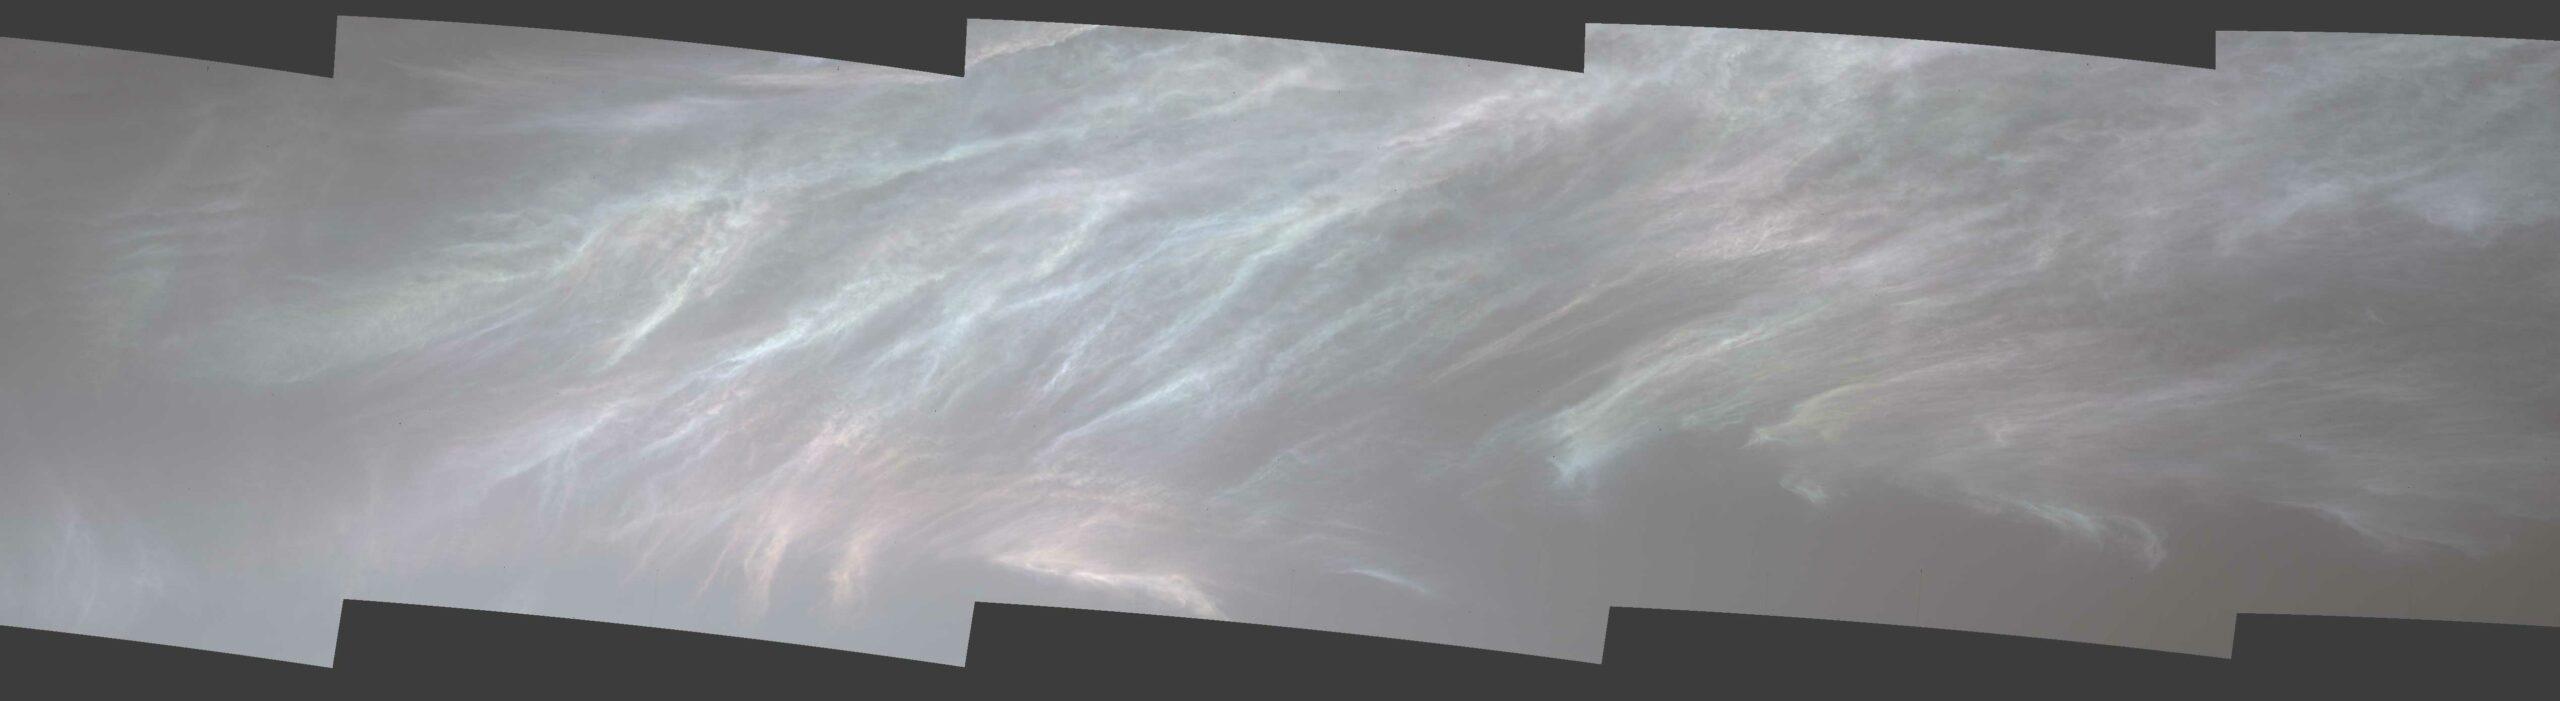 Марсоход НАСА Curiosity заметил эти переливающиеся, или «перламутровые», облака 5 марта 2021 года, в 3048-й марсианский день миссии. Здесь вы видите пять сшитых вместе кадров из гораздо более широкой панорамы, снятой Mast Camera или Mastcam марсохода.